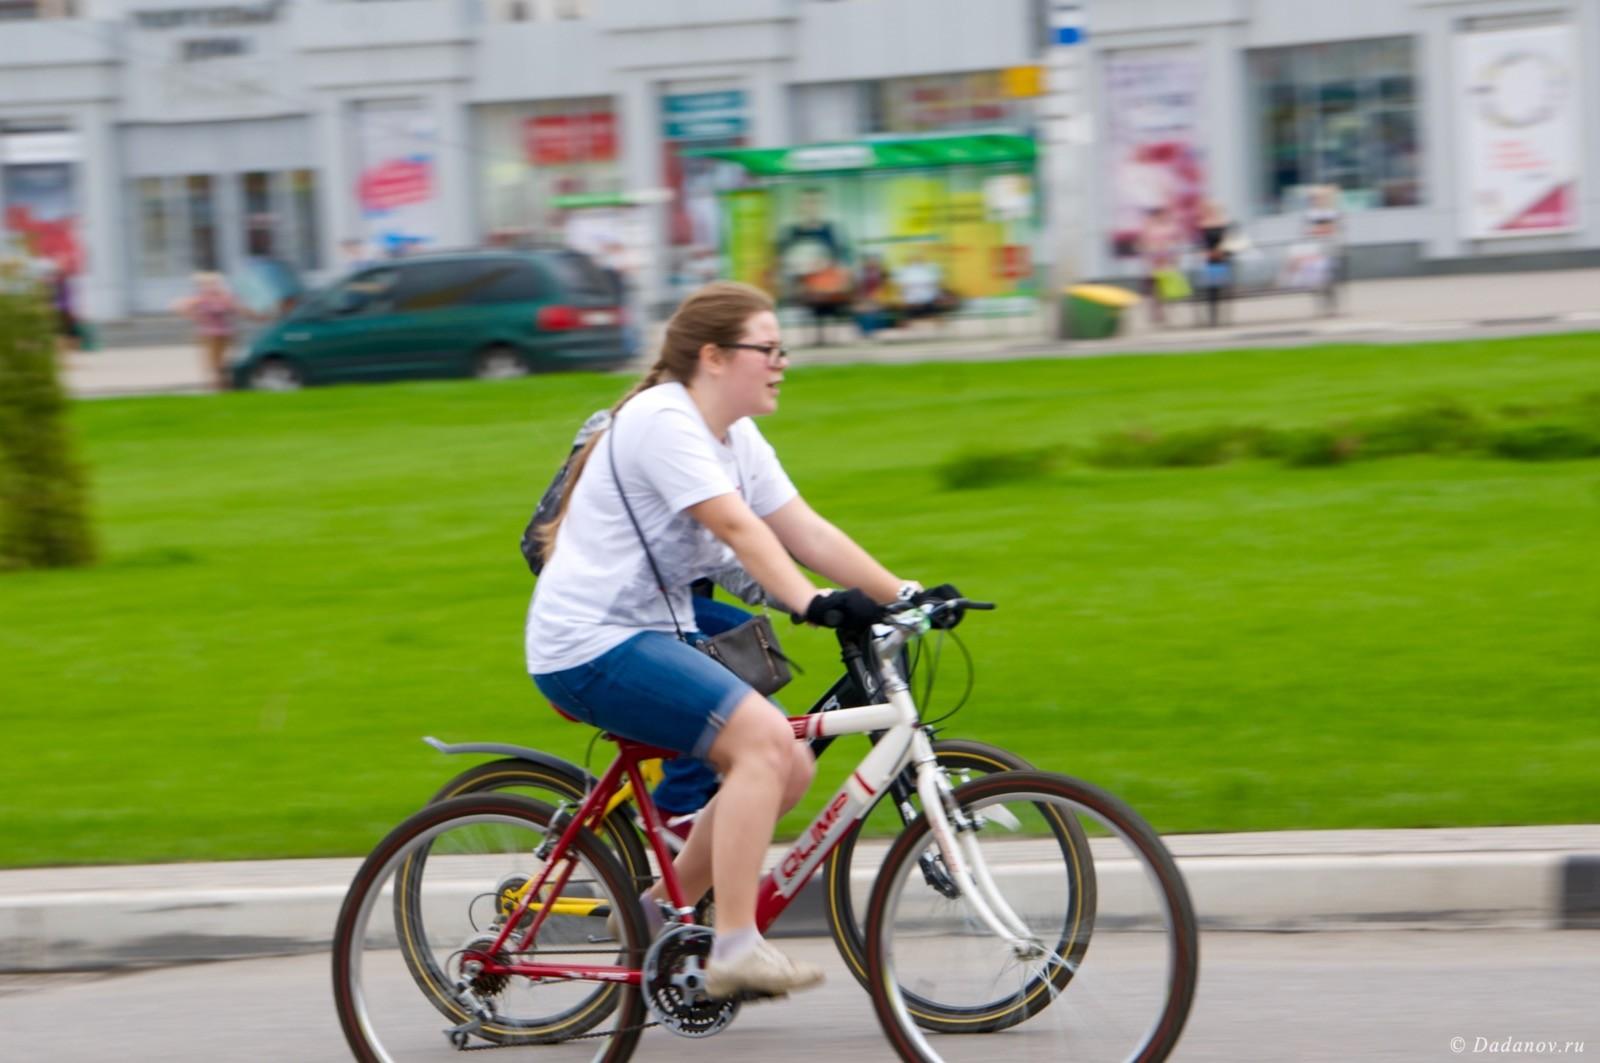 Велодень 2016 в Липецке состоялся. Фотографии с мероприятия 3028